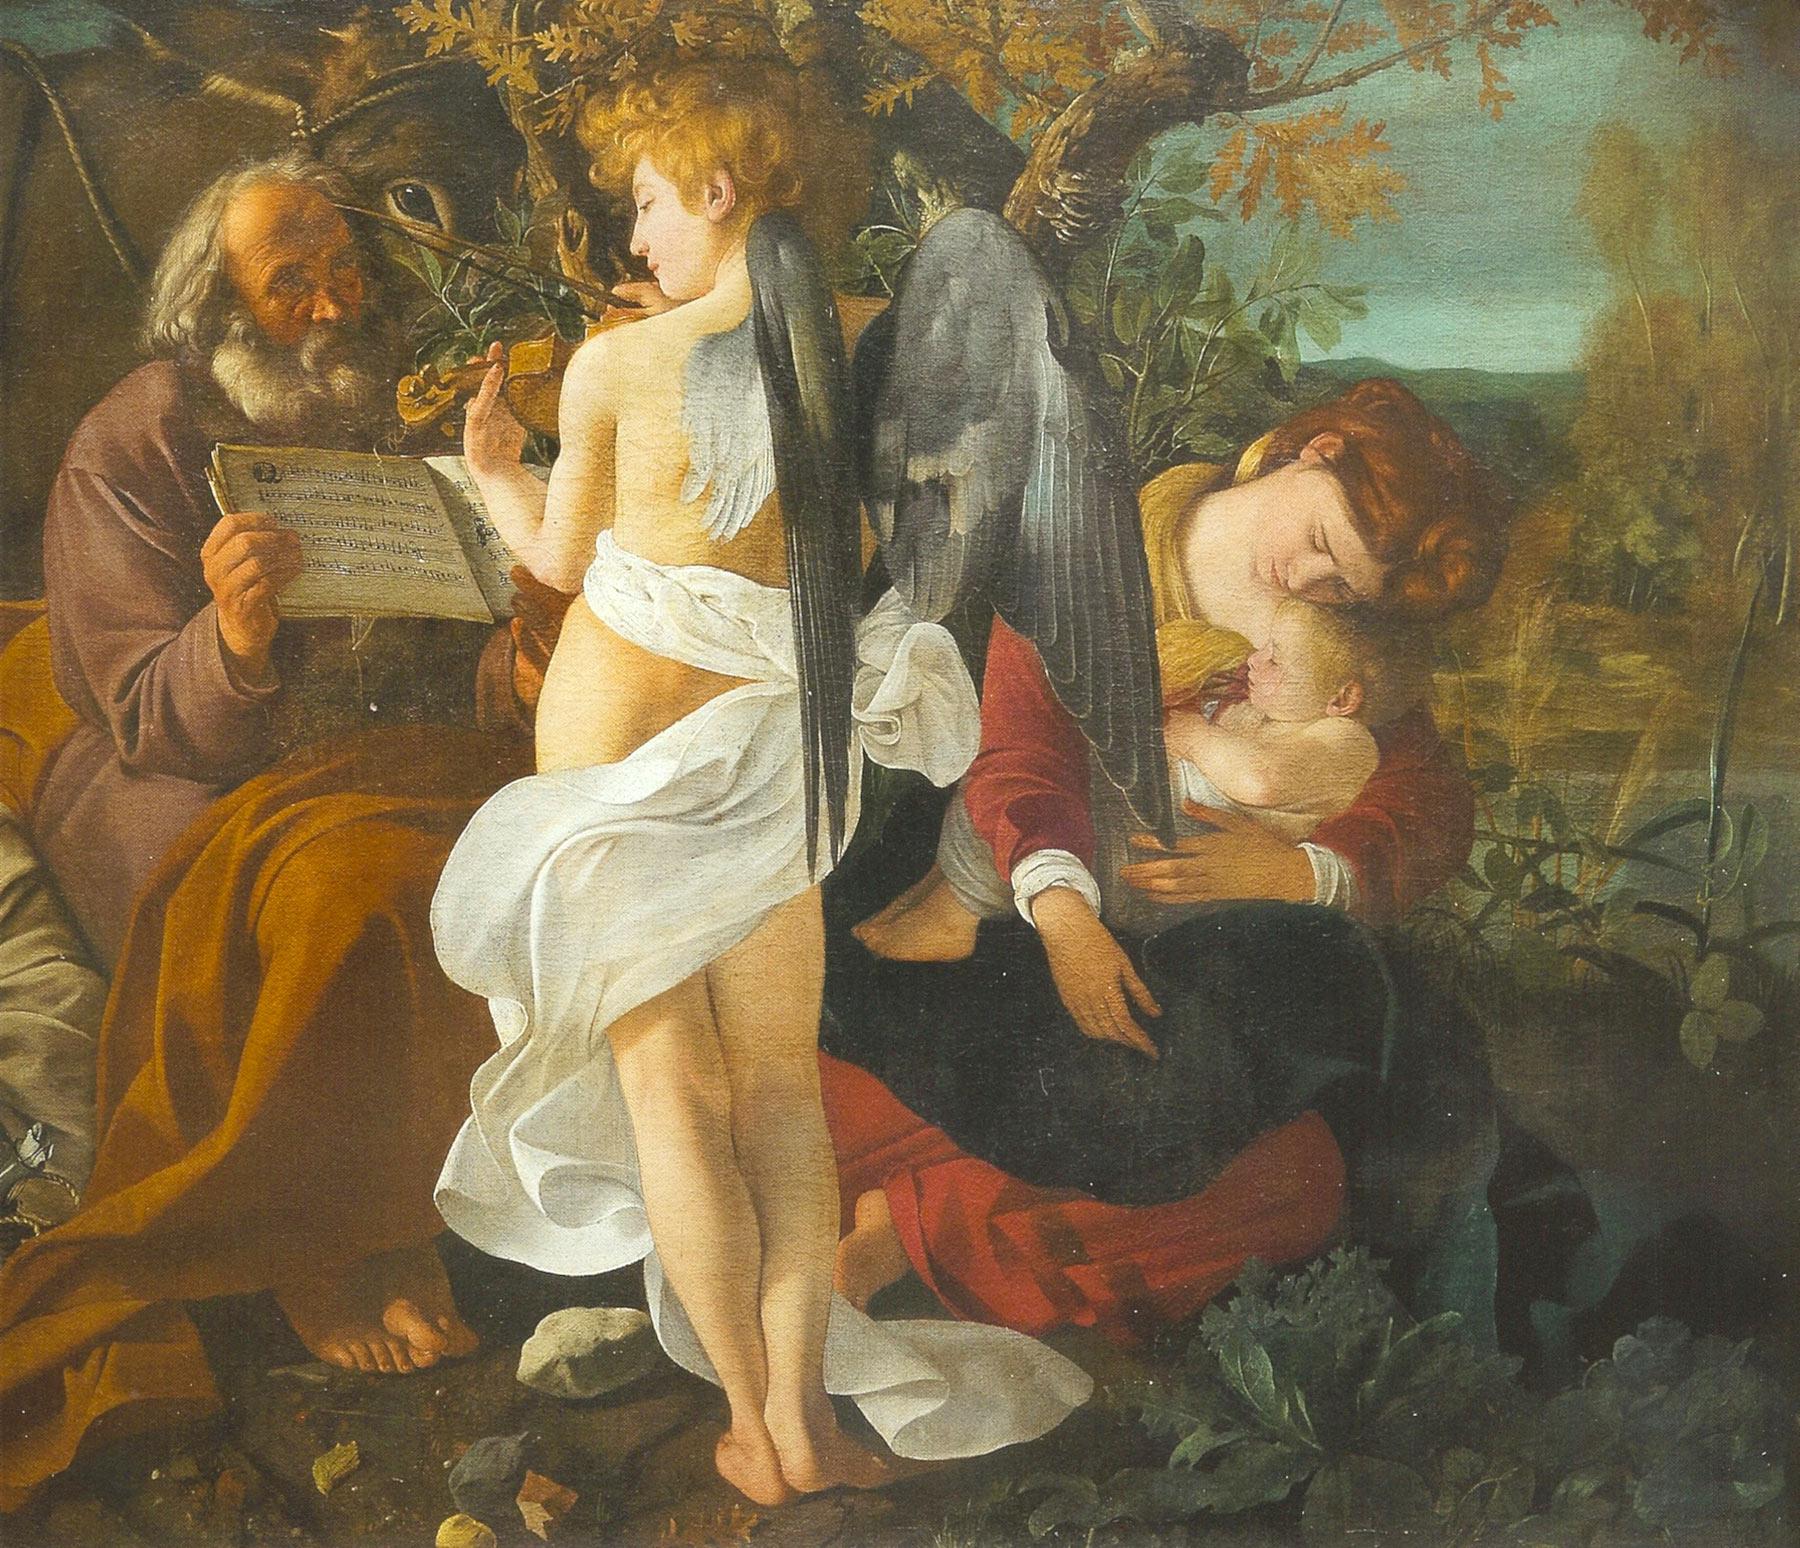 Caravaggio, Riposo durante la Fuga in Egitto (olio su tela, 135,5 x 166,5 cm; Roma, Collezione Doria Pamphilj)